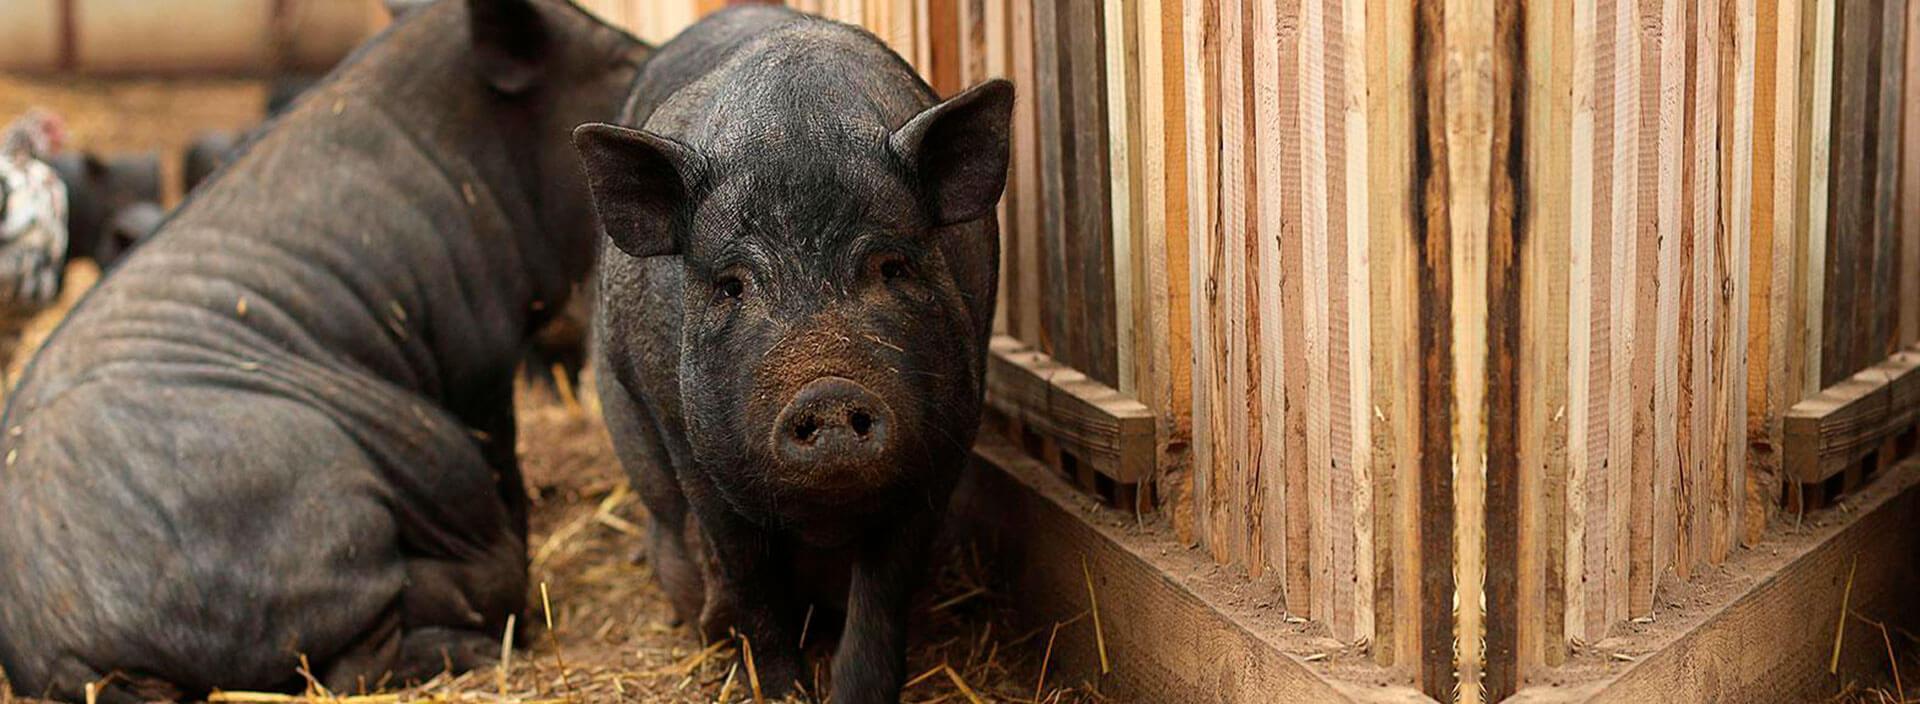 Вьетнамские свиньи - особенности и рекомендации по содержанию и разведению